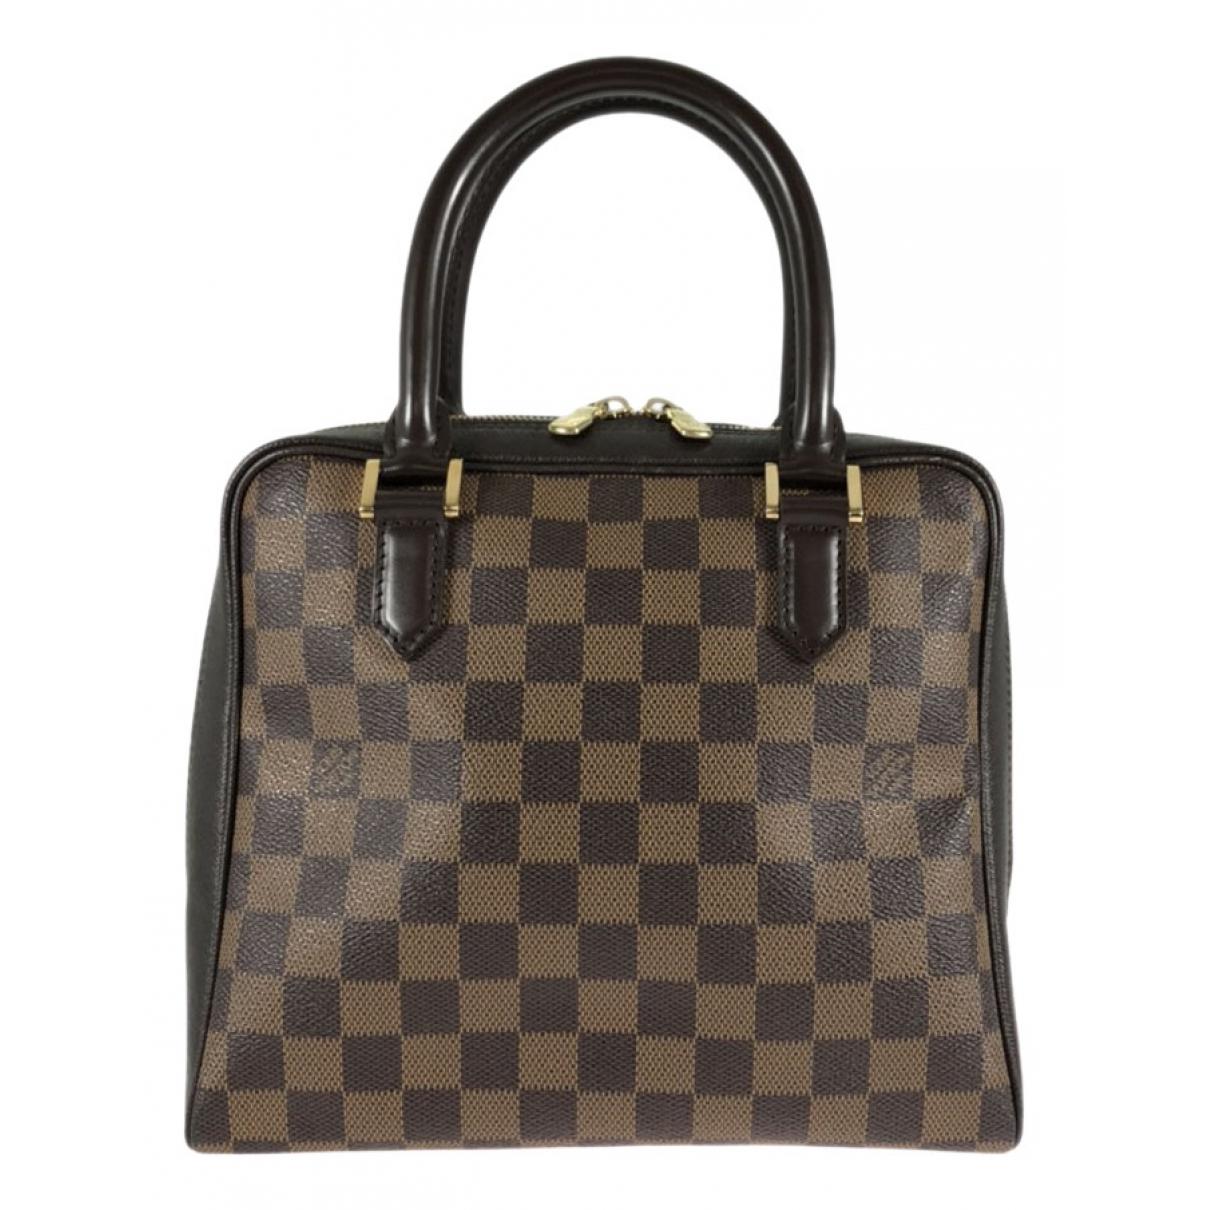 Louis Vuitton Brera Handtasche in  Braun Leinen